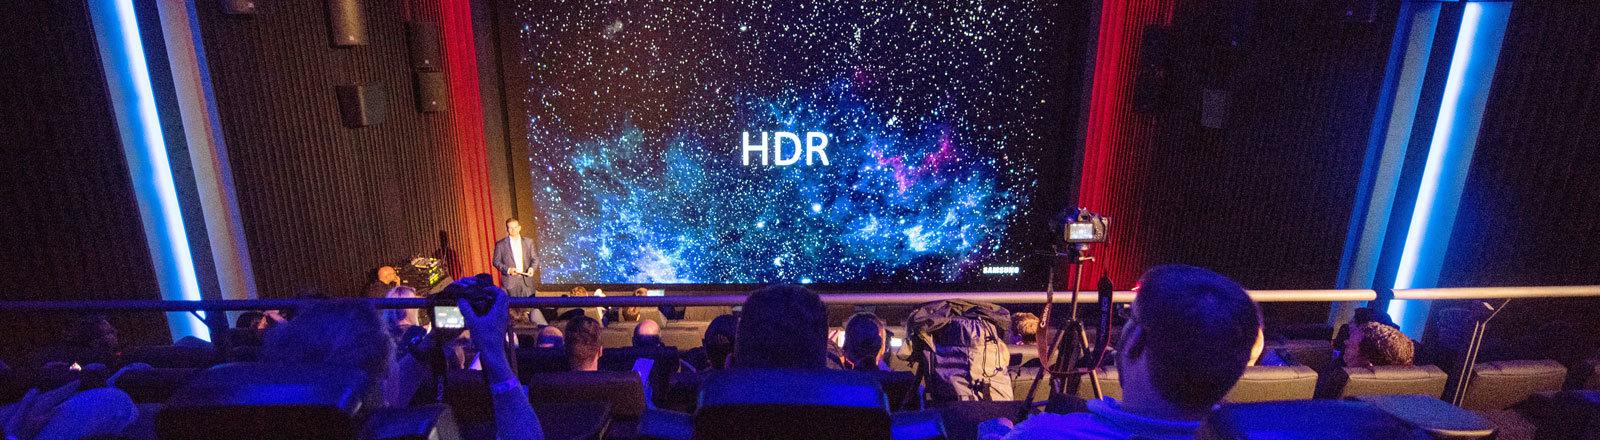 Journalisten und Besucher bei der Vorstellung eines neuen Kinosaals im Kino Traumpalast, der mit einer neuartigen LED-Wand des Herstellers Samsung ausgestattet ist